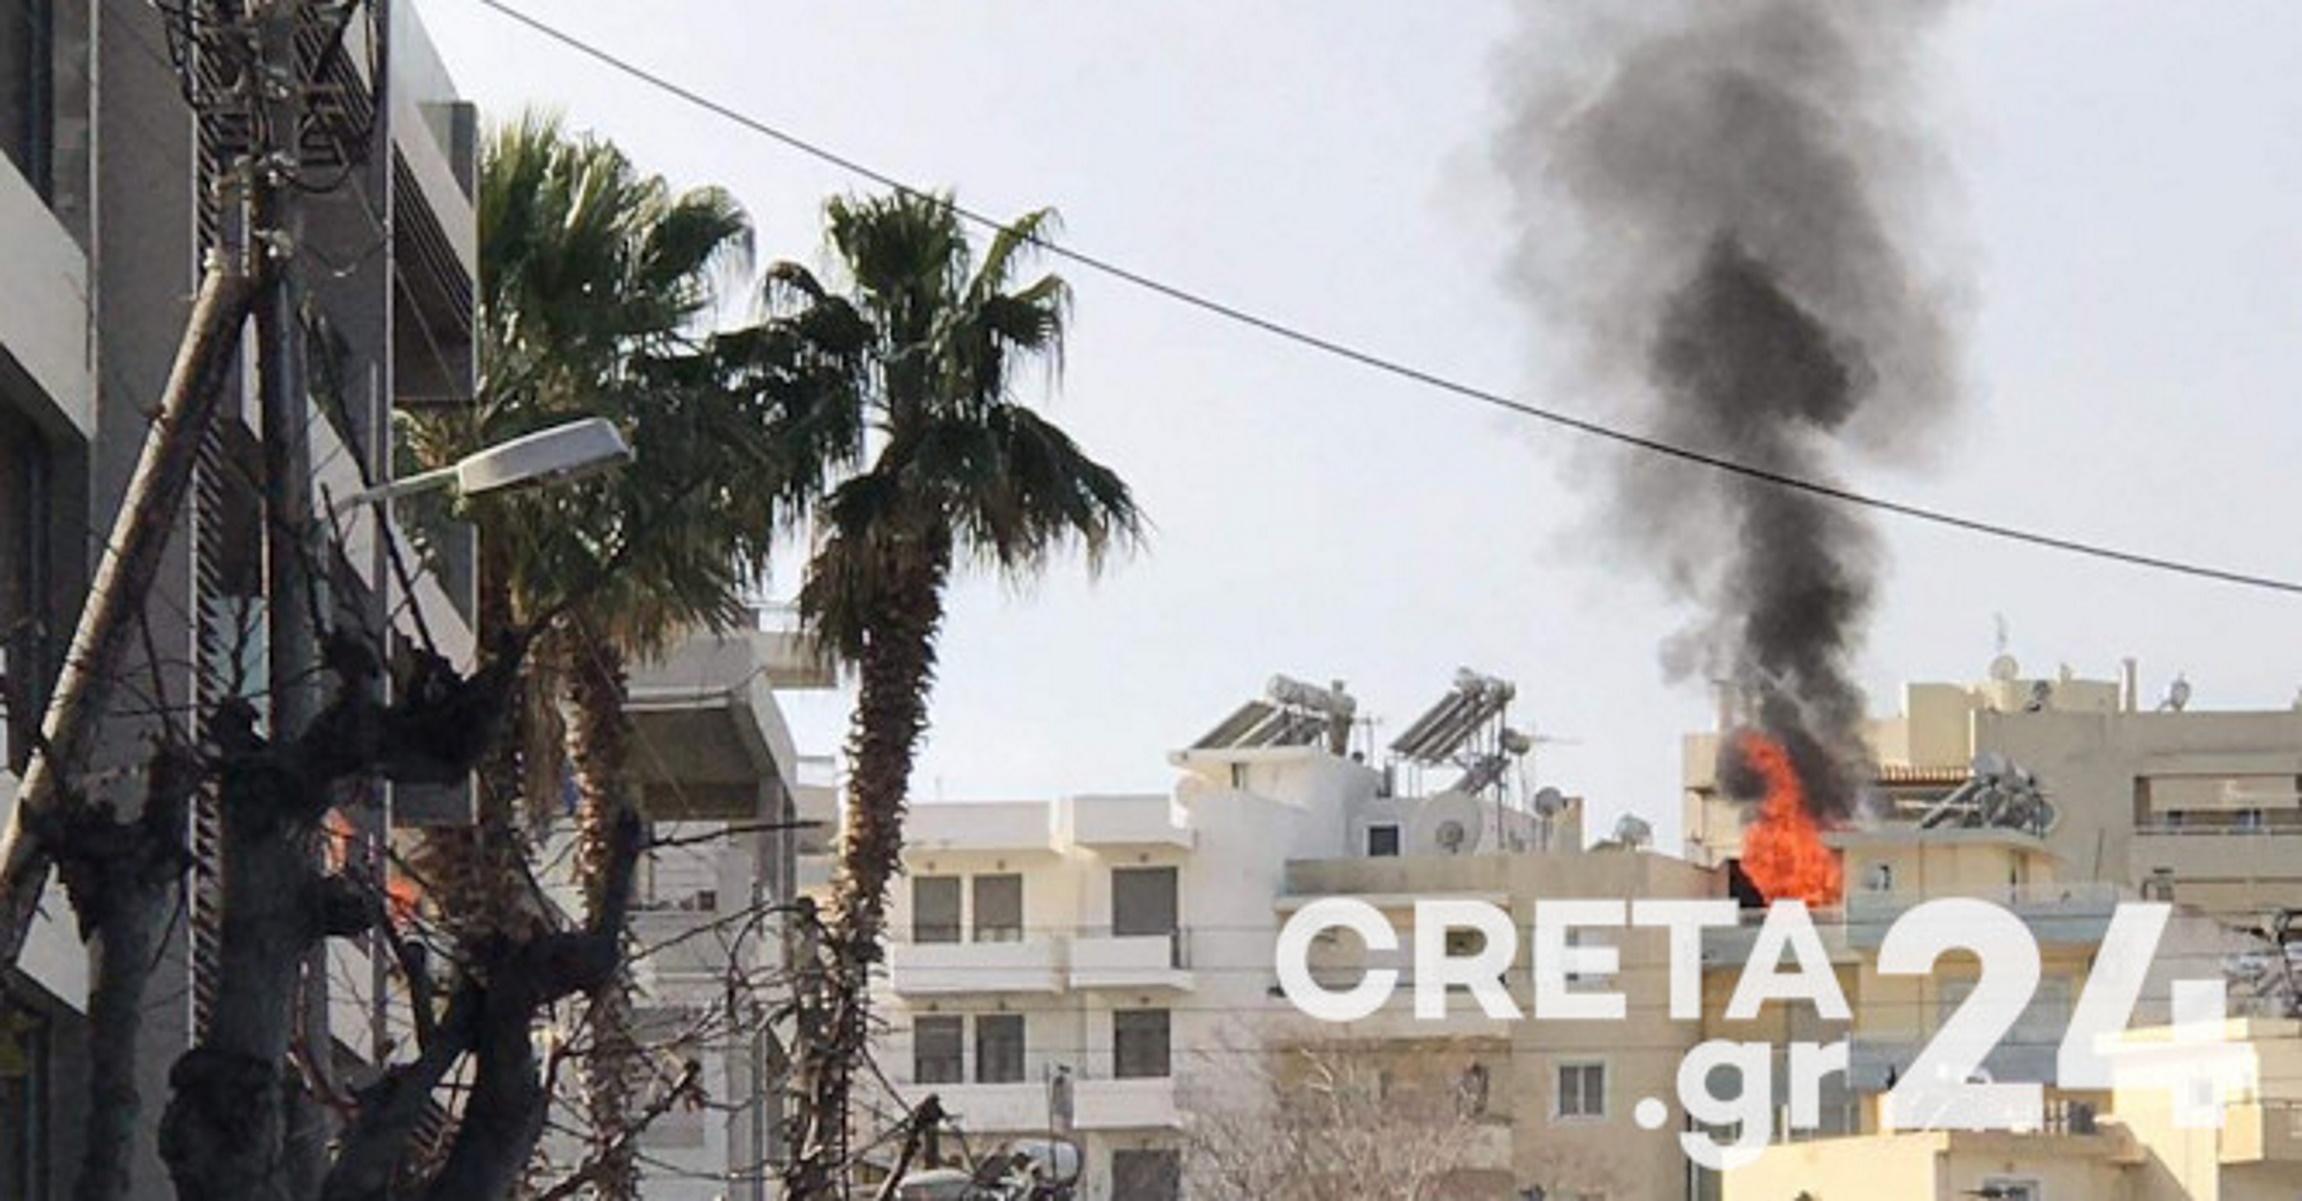 Ηράκλειο: Συναγερμός για φωτιά σε πολυκατοικία (pics)